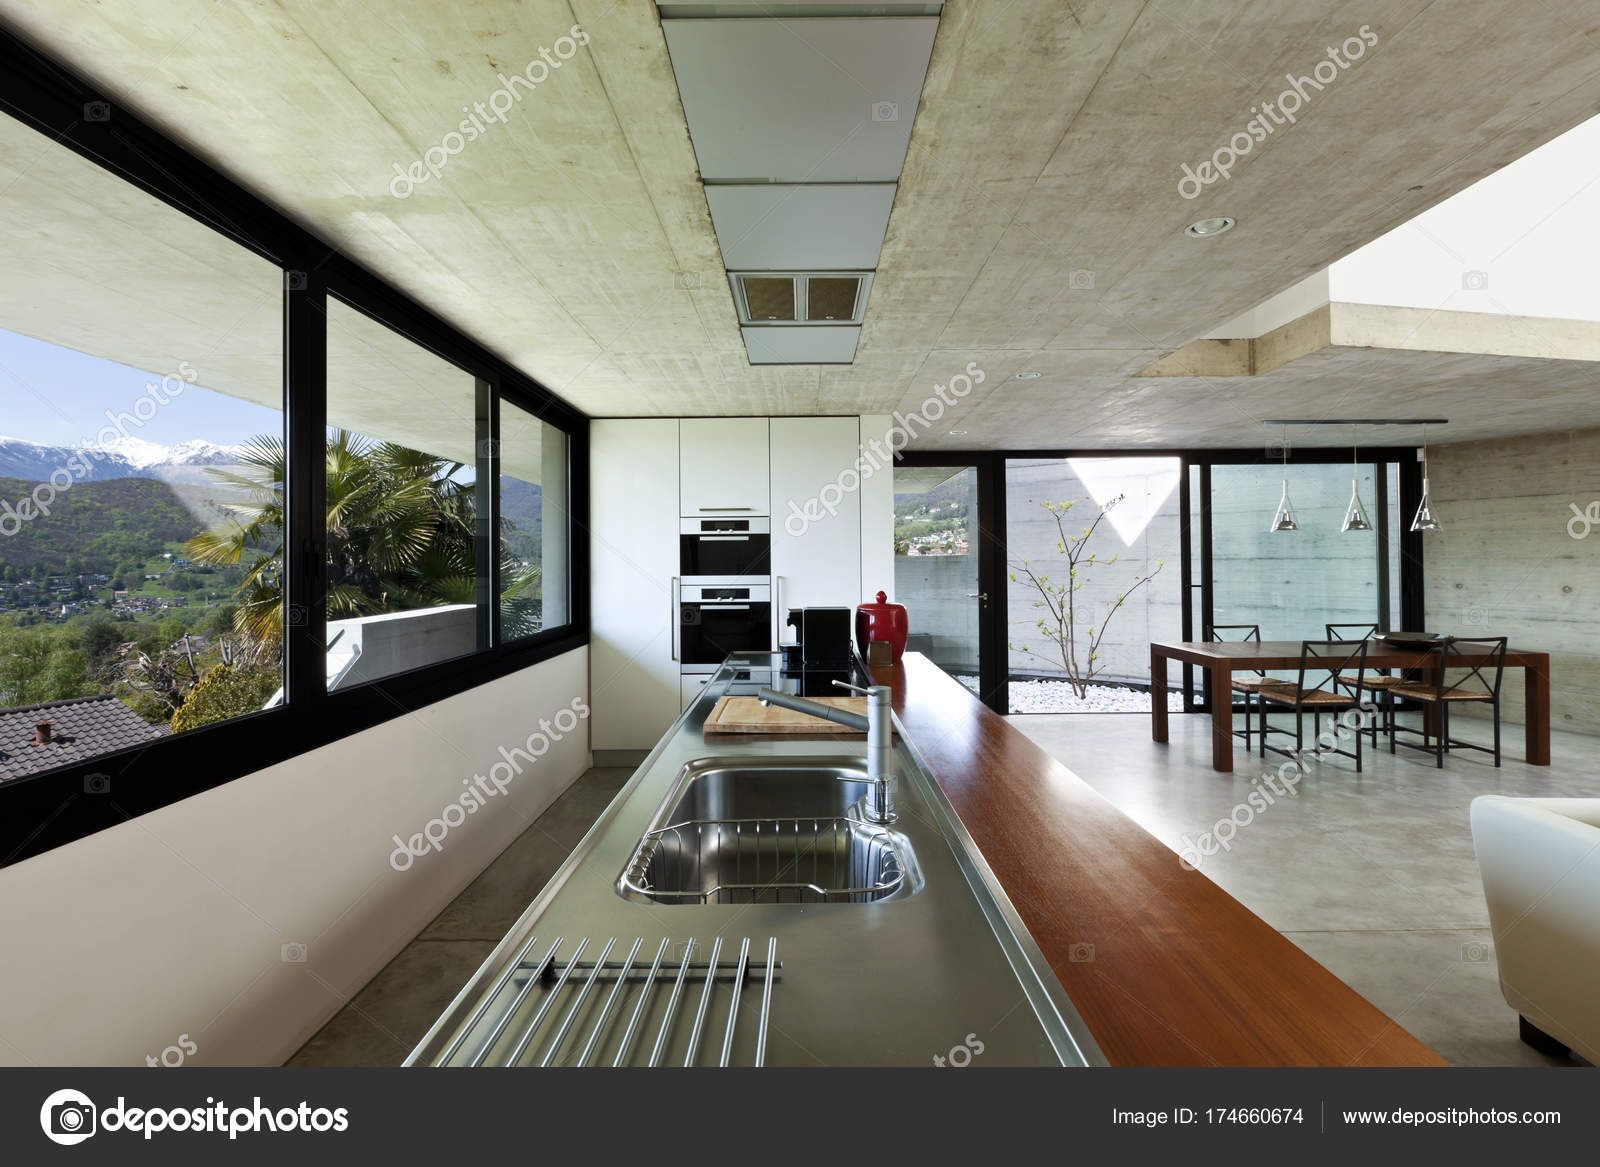 Schönes Modernes Haus Zement Interieur Freifläche — Stockfoto ...